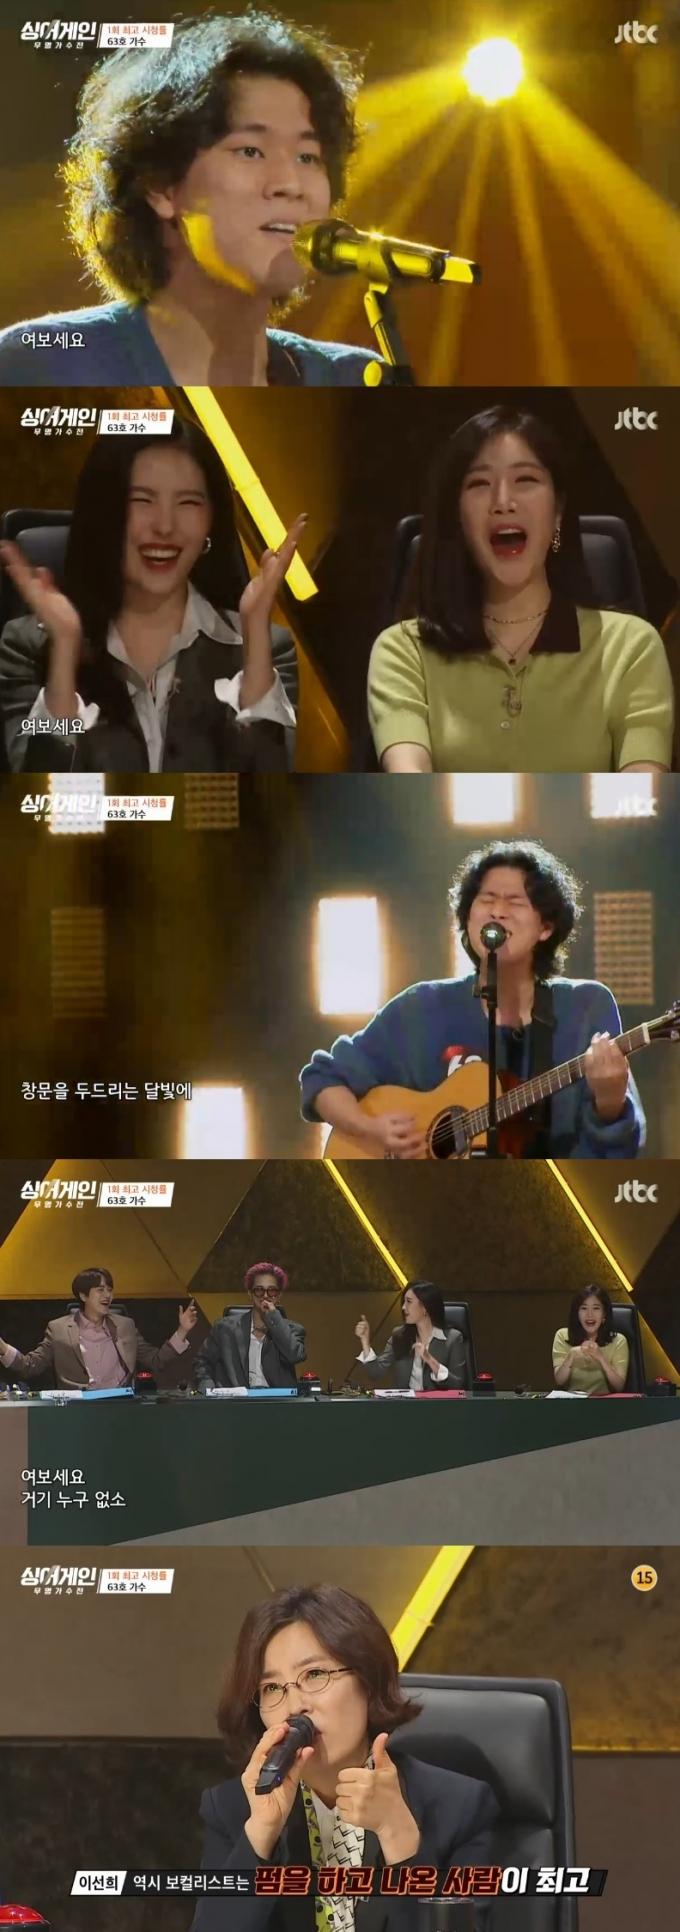 JTBC '싱어게인' 캡처 © 뉴스1